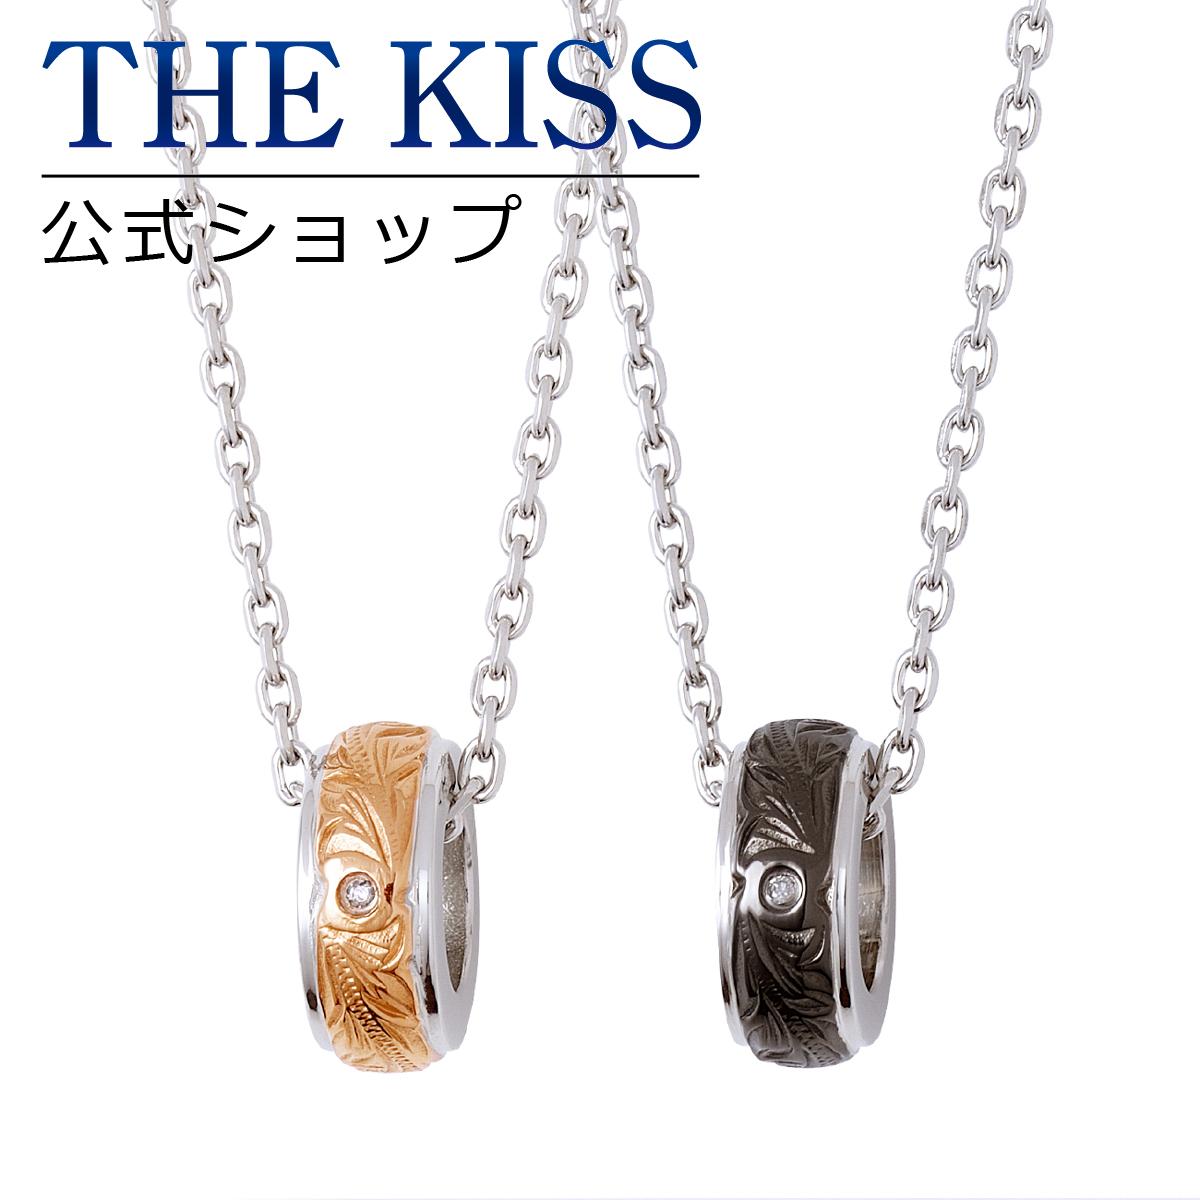 【あす楽対応】THE KISS 公式サイト ステンレス ハワイアン ペアネックレス ペアアクセサリー カップル に 人気 の ジュエリーブランド THEKISS ペア ネックレス・ペンダント 記念日 プレゼント L-N8033DM-8034DM セット シンプル ザキス 【送料無料】